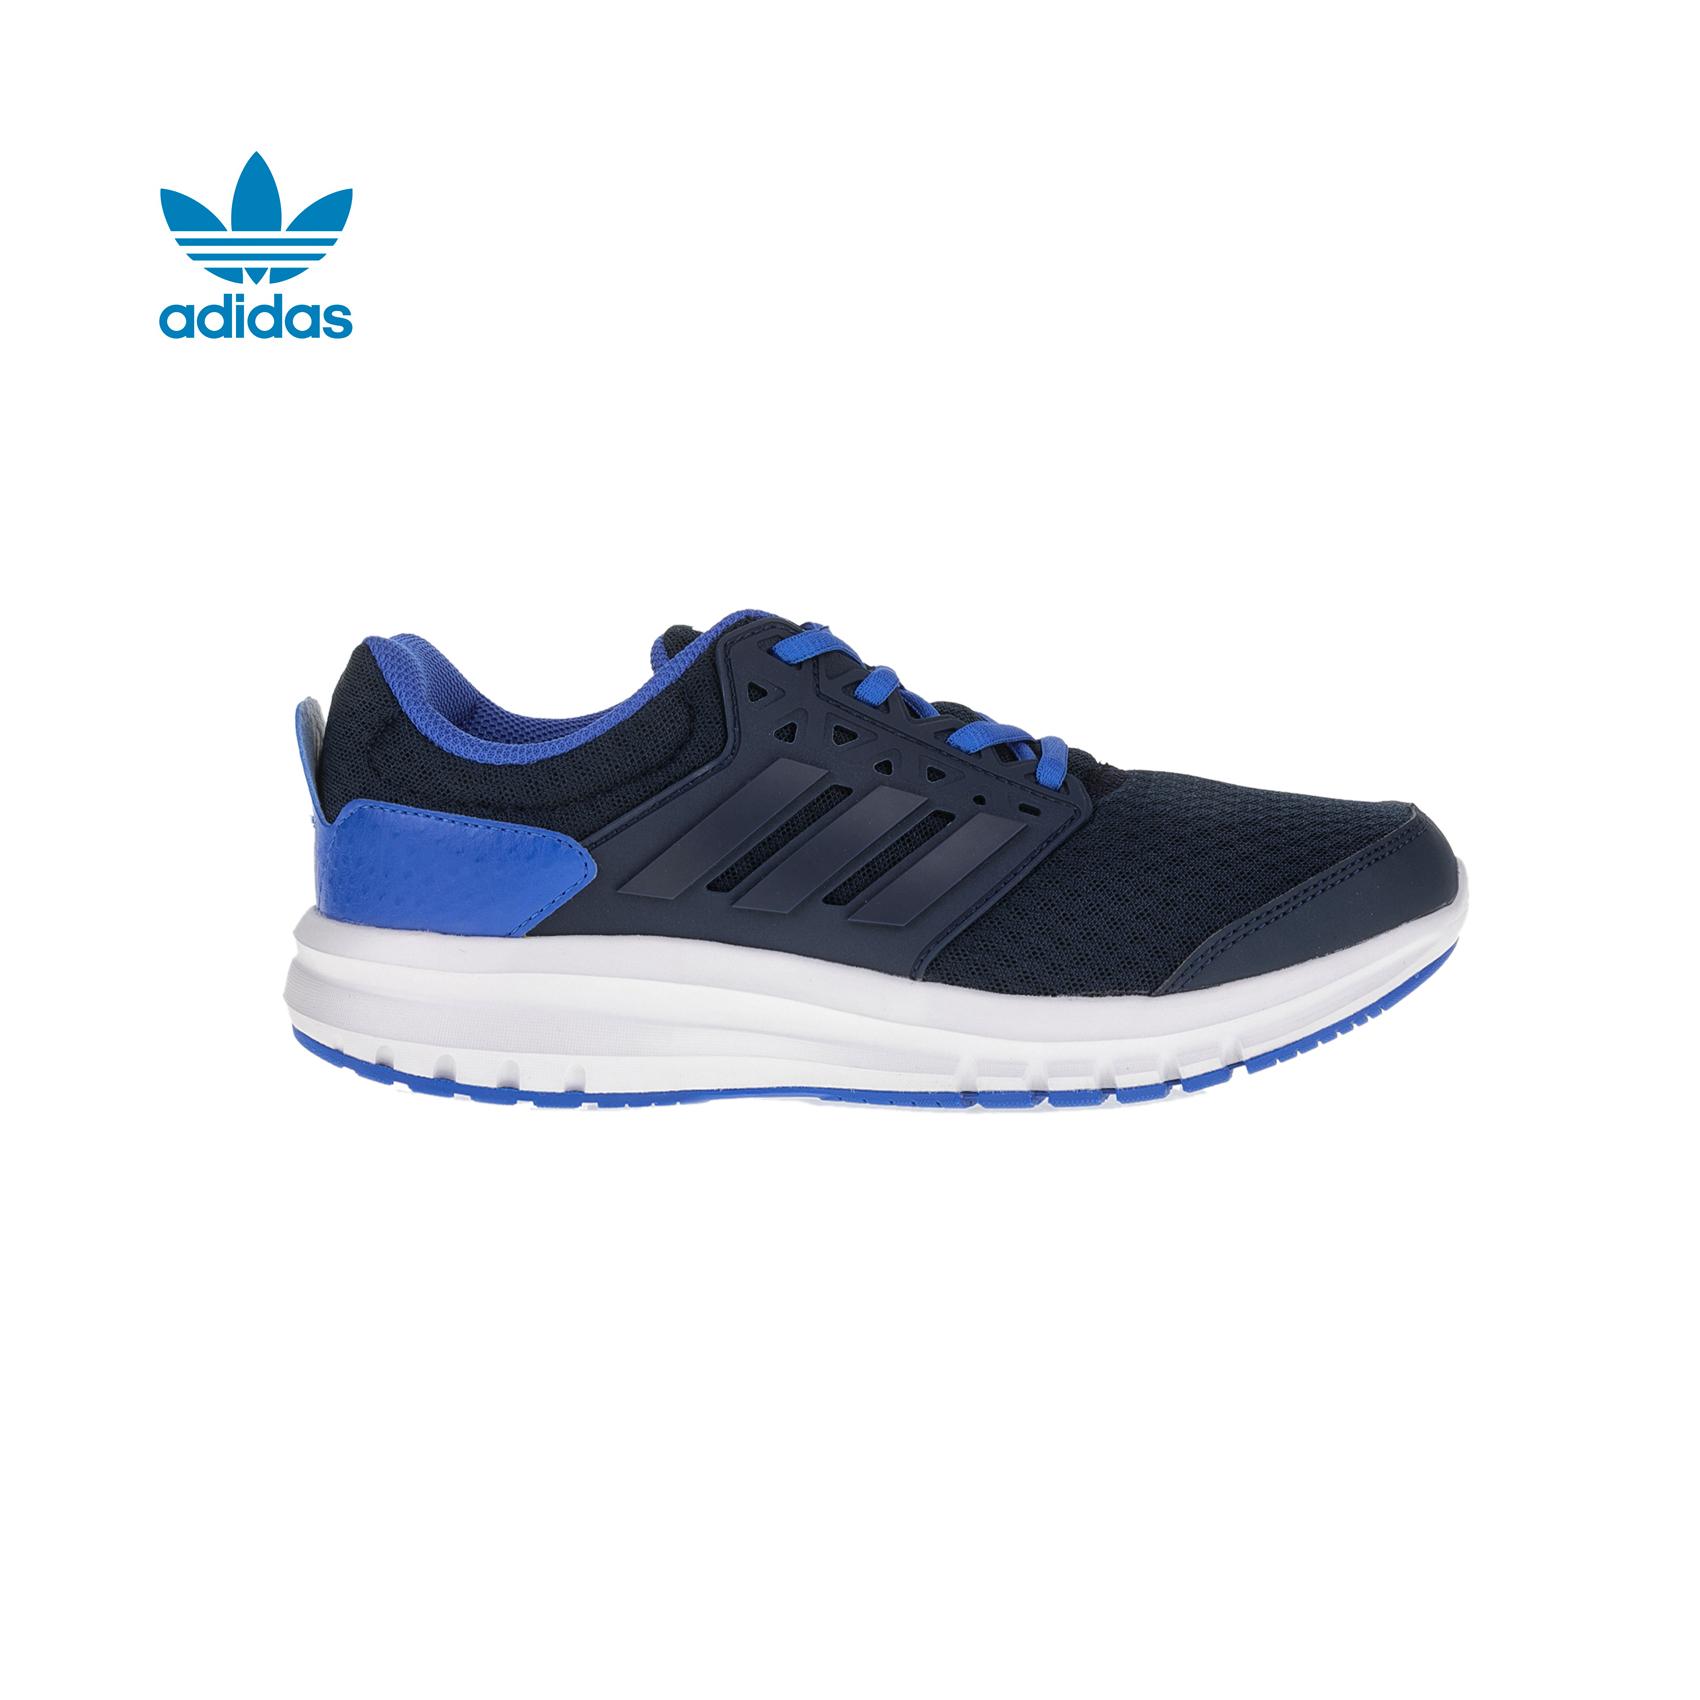 dd9dde4571b Παιδικά αθλητικά παπούτσια για αγόρια | Paidika-Papoutsia.gr